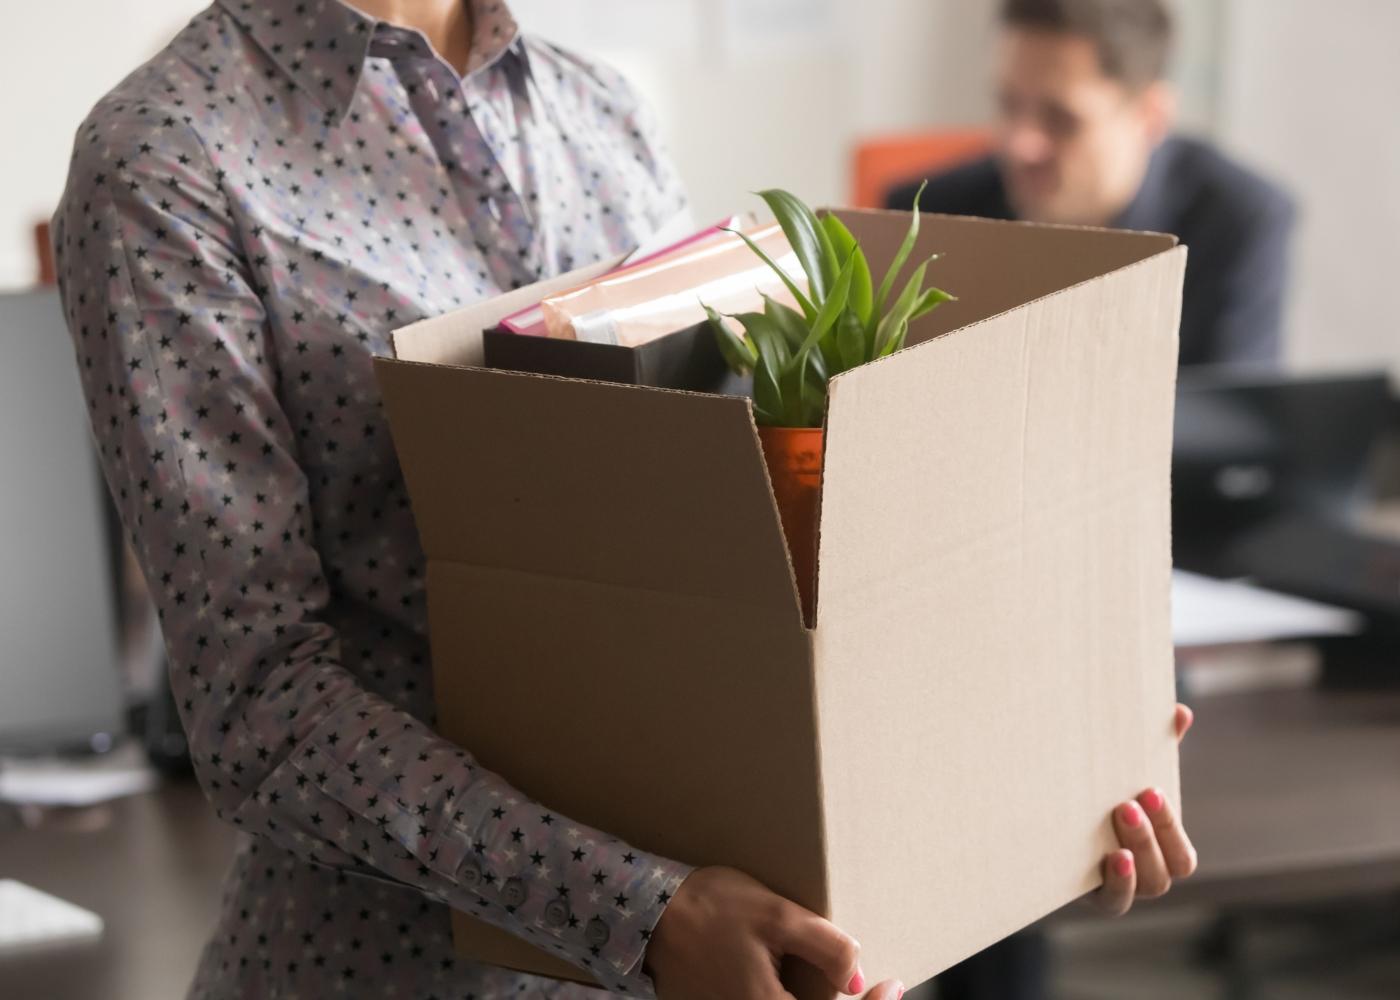 trabalhadora com caixa depois de ser despedida